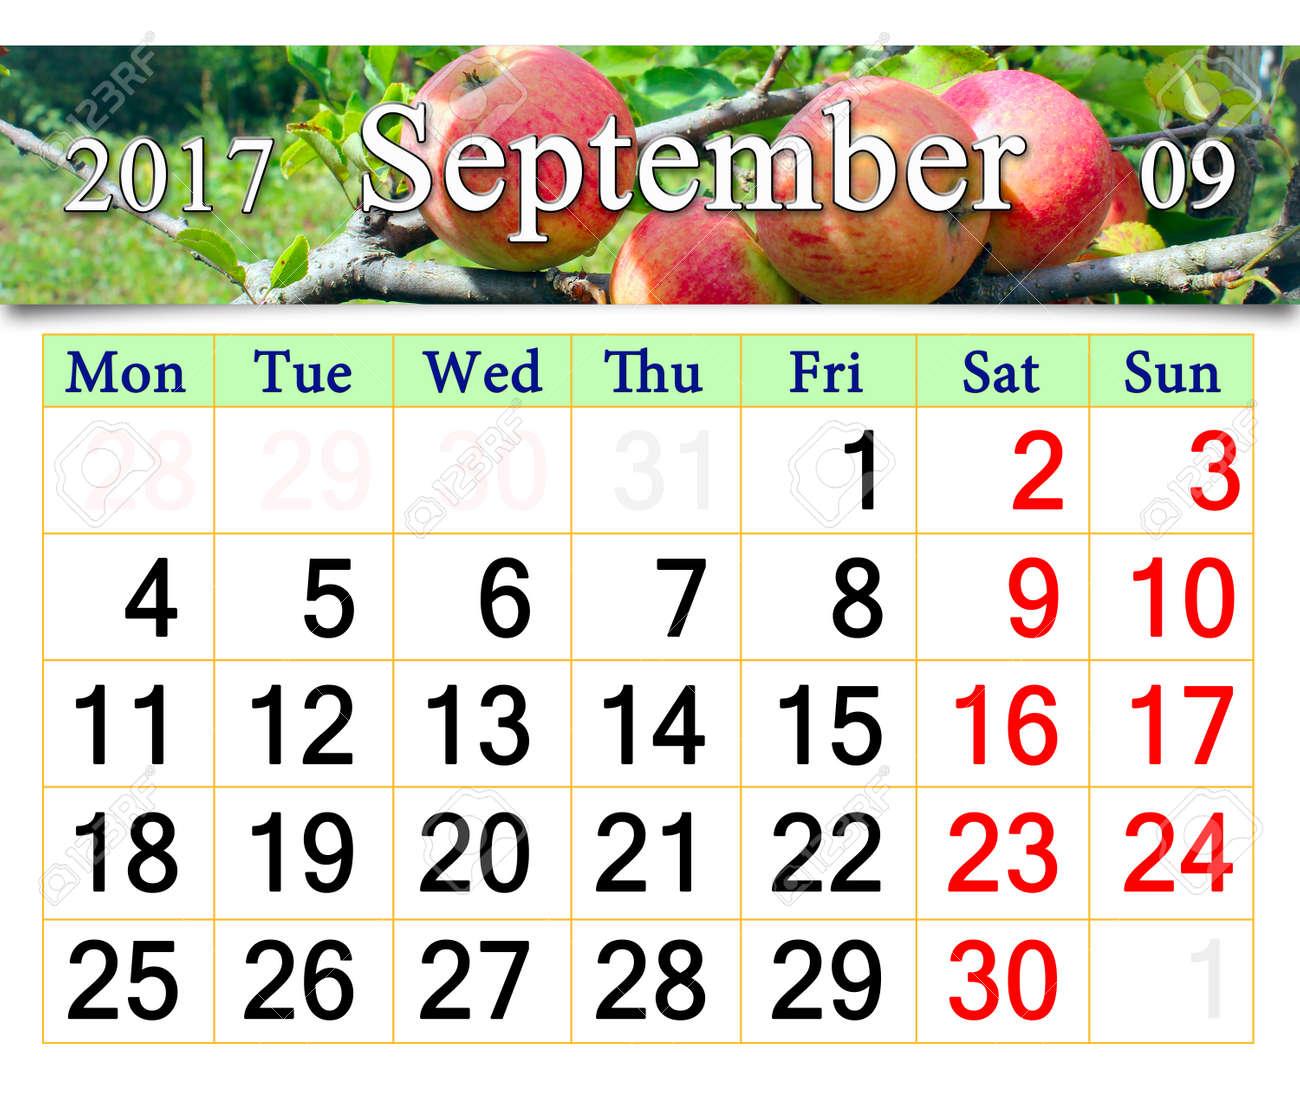 Calendario Mature.Bel Calendario Per Settembre 2017 Anno Con Mele Mature Sul Ramo Calendario Per La Stampa E L Utilizzo In Ufficio